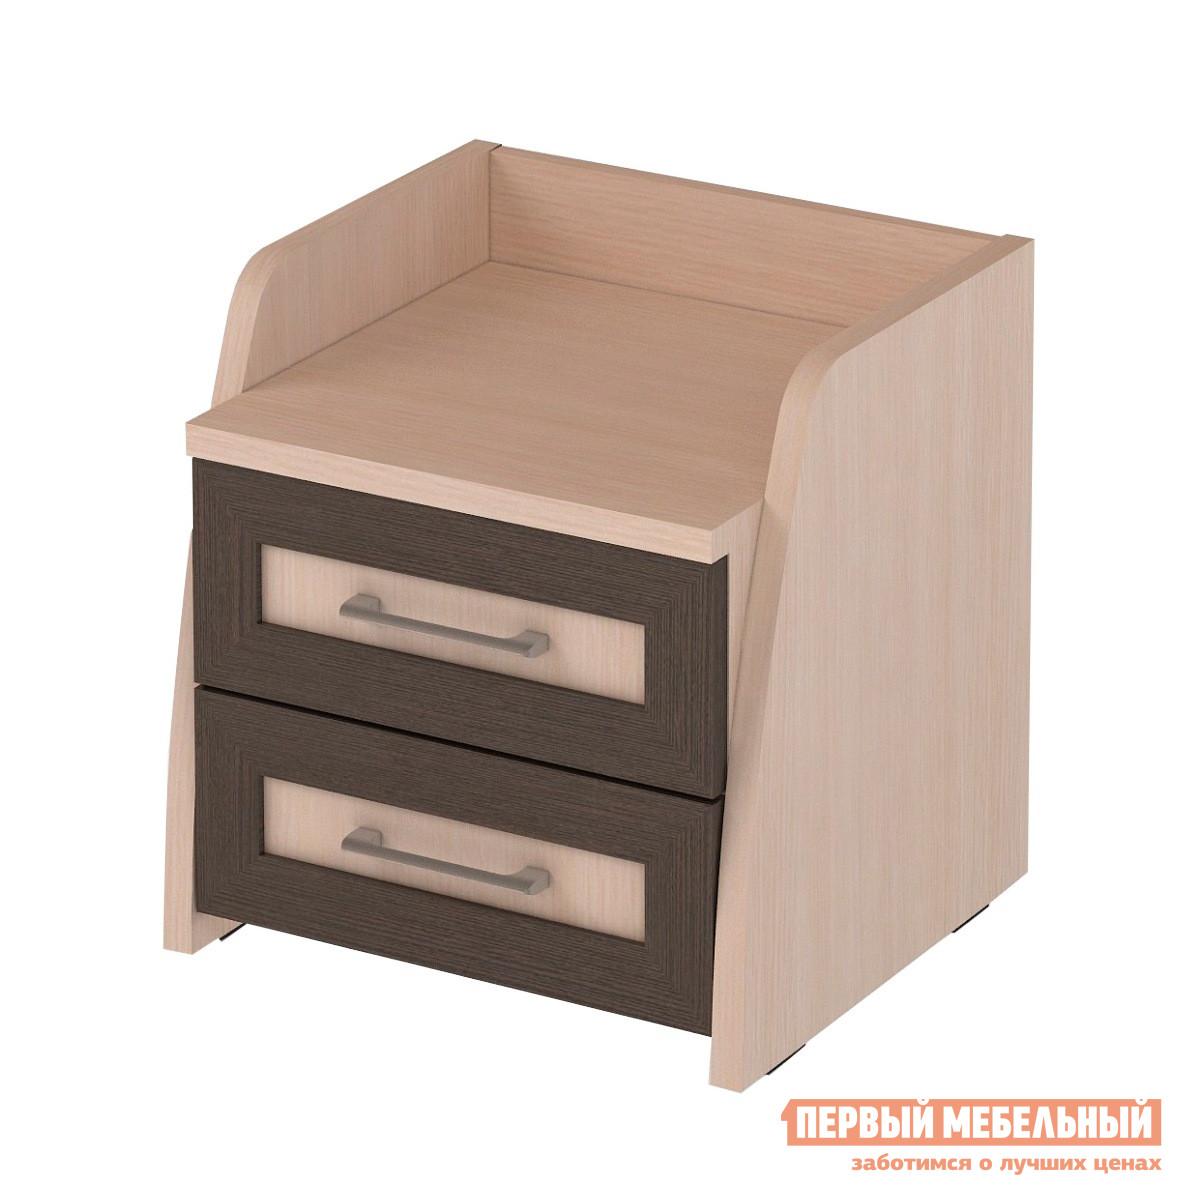 Прикроватная тумбочка ВасКо Соло 032-3104 письменный стол васко соло 021